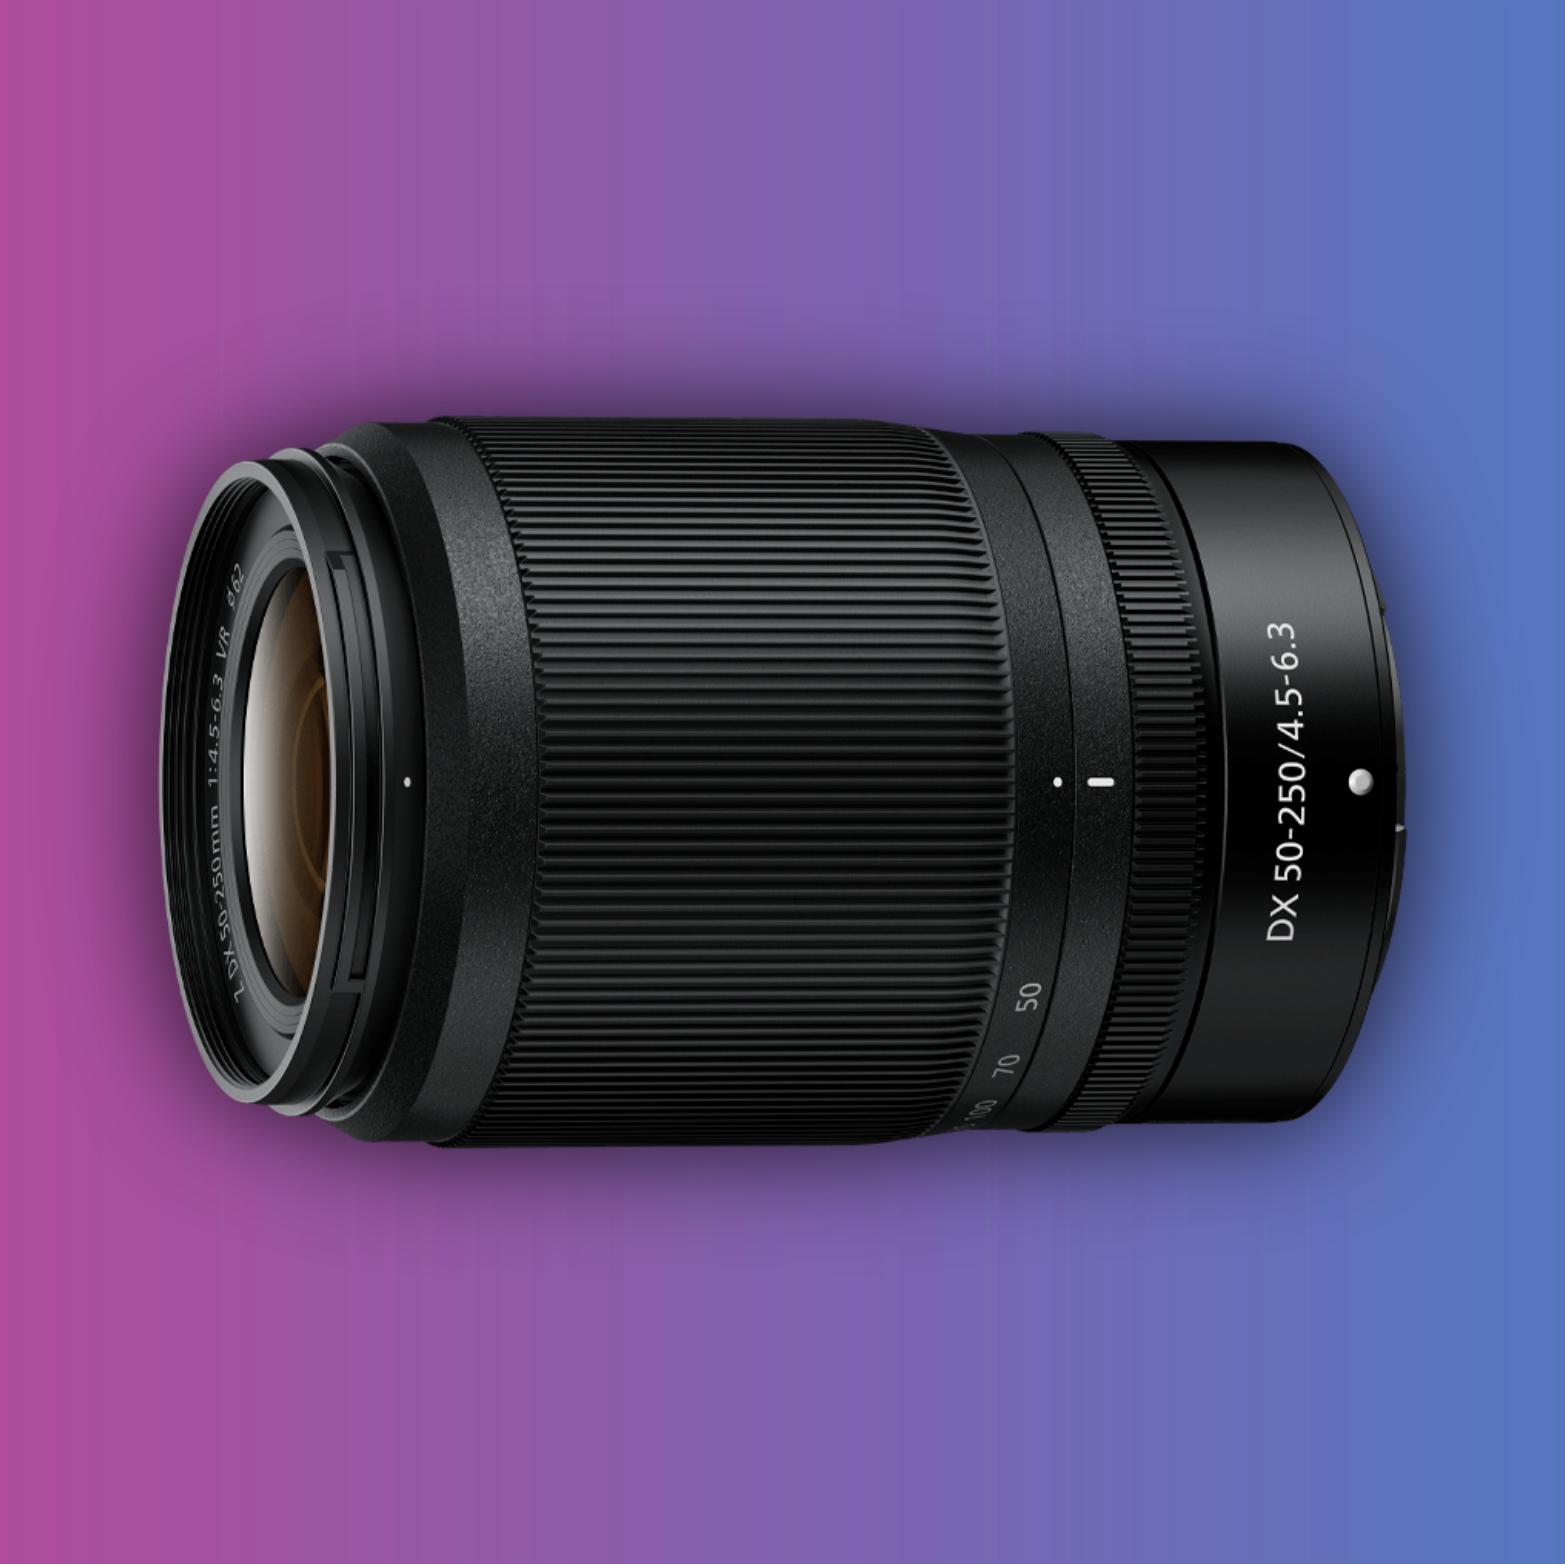 Nikon NIKKOR Z DX 50-250mm f/4.5-6.3 Telezoom-Objektiv